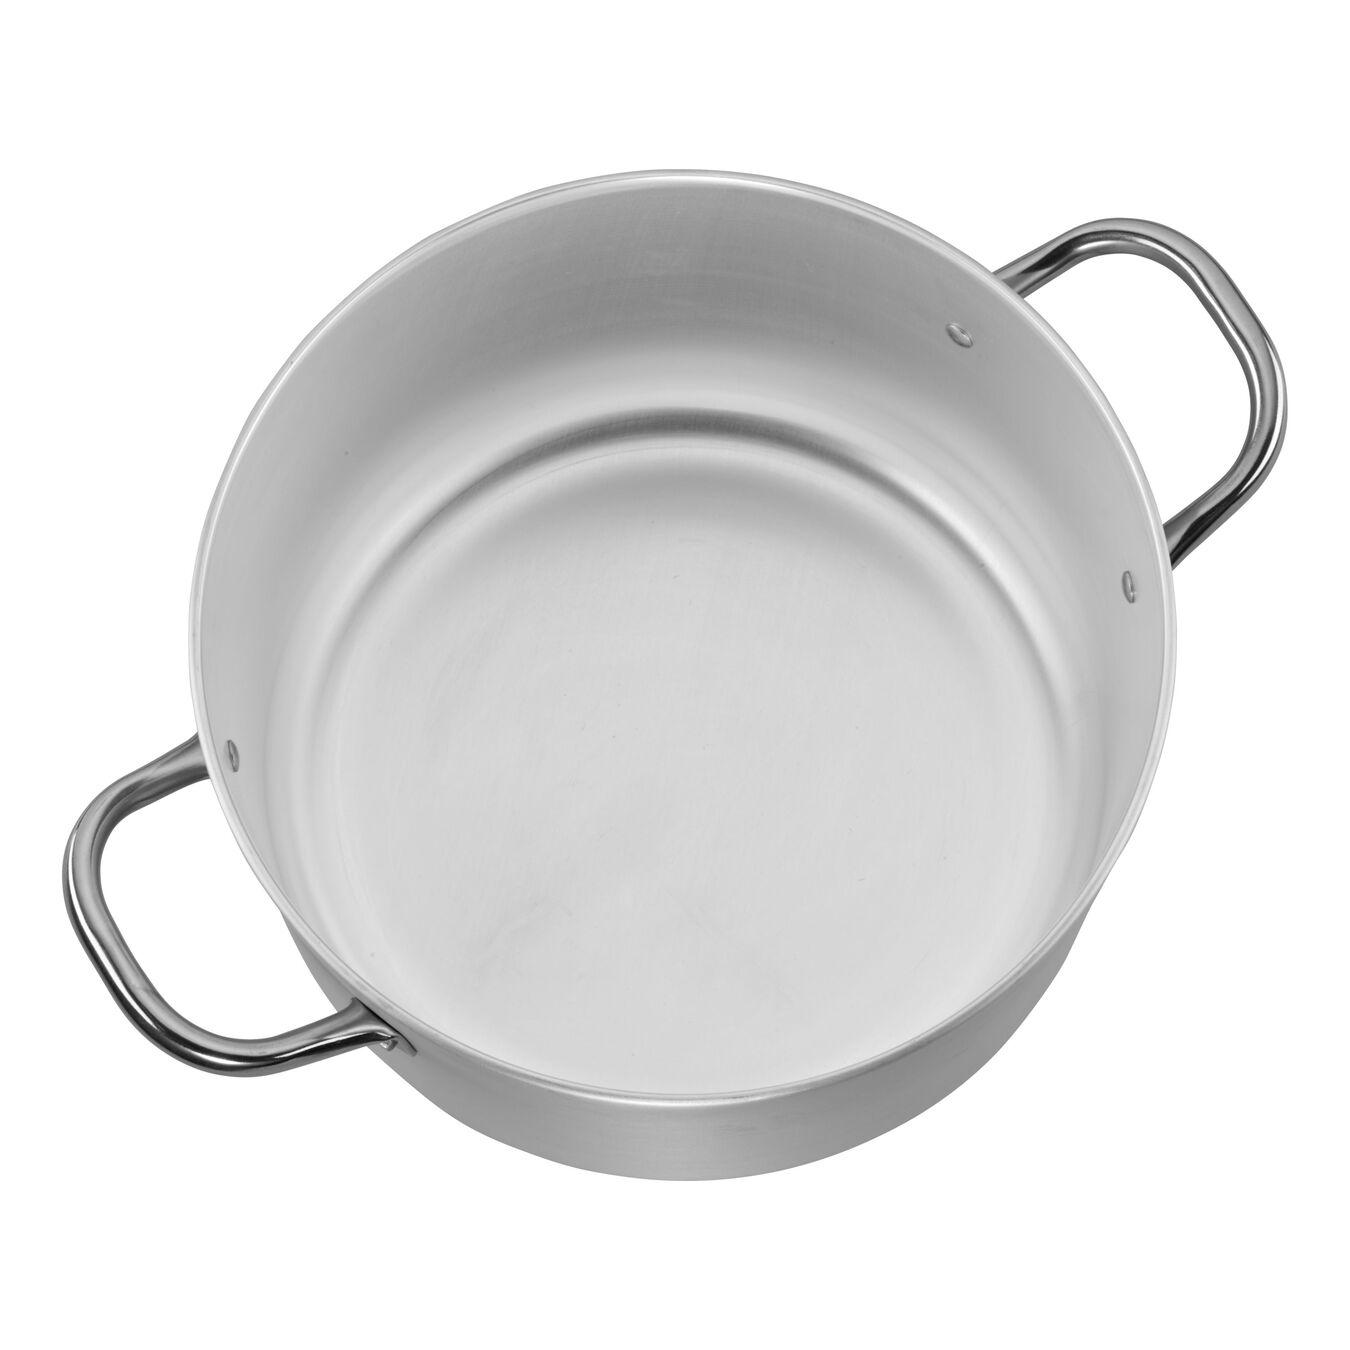 15.5-qt Aluminum Sauce Pot,,large 1